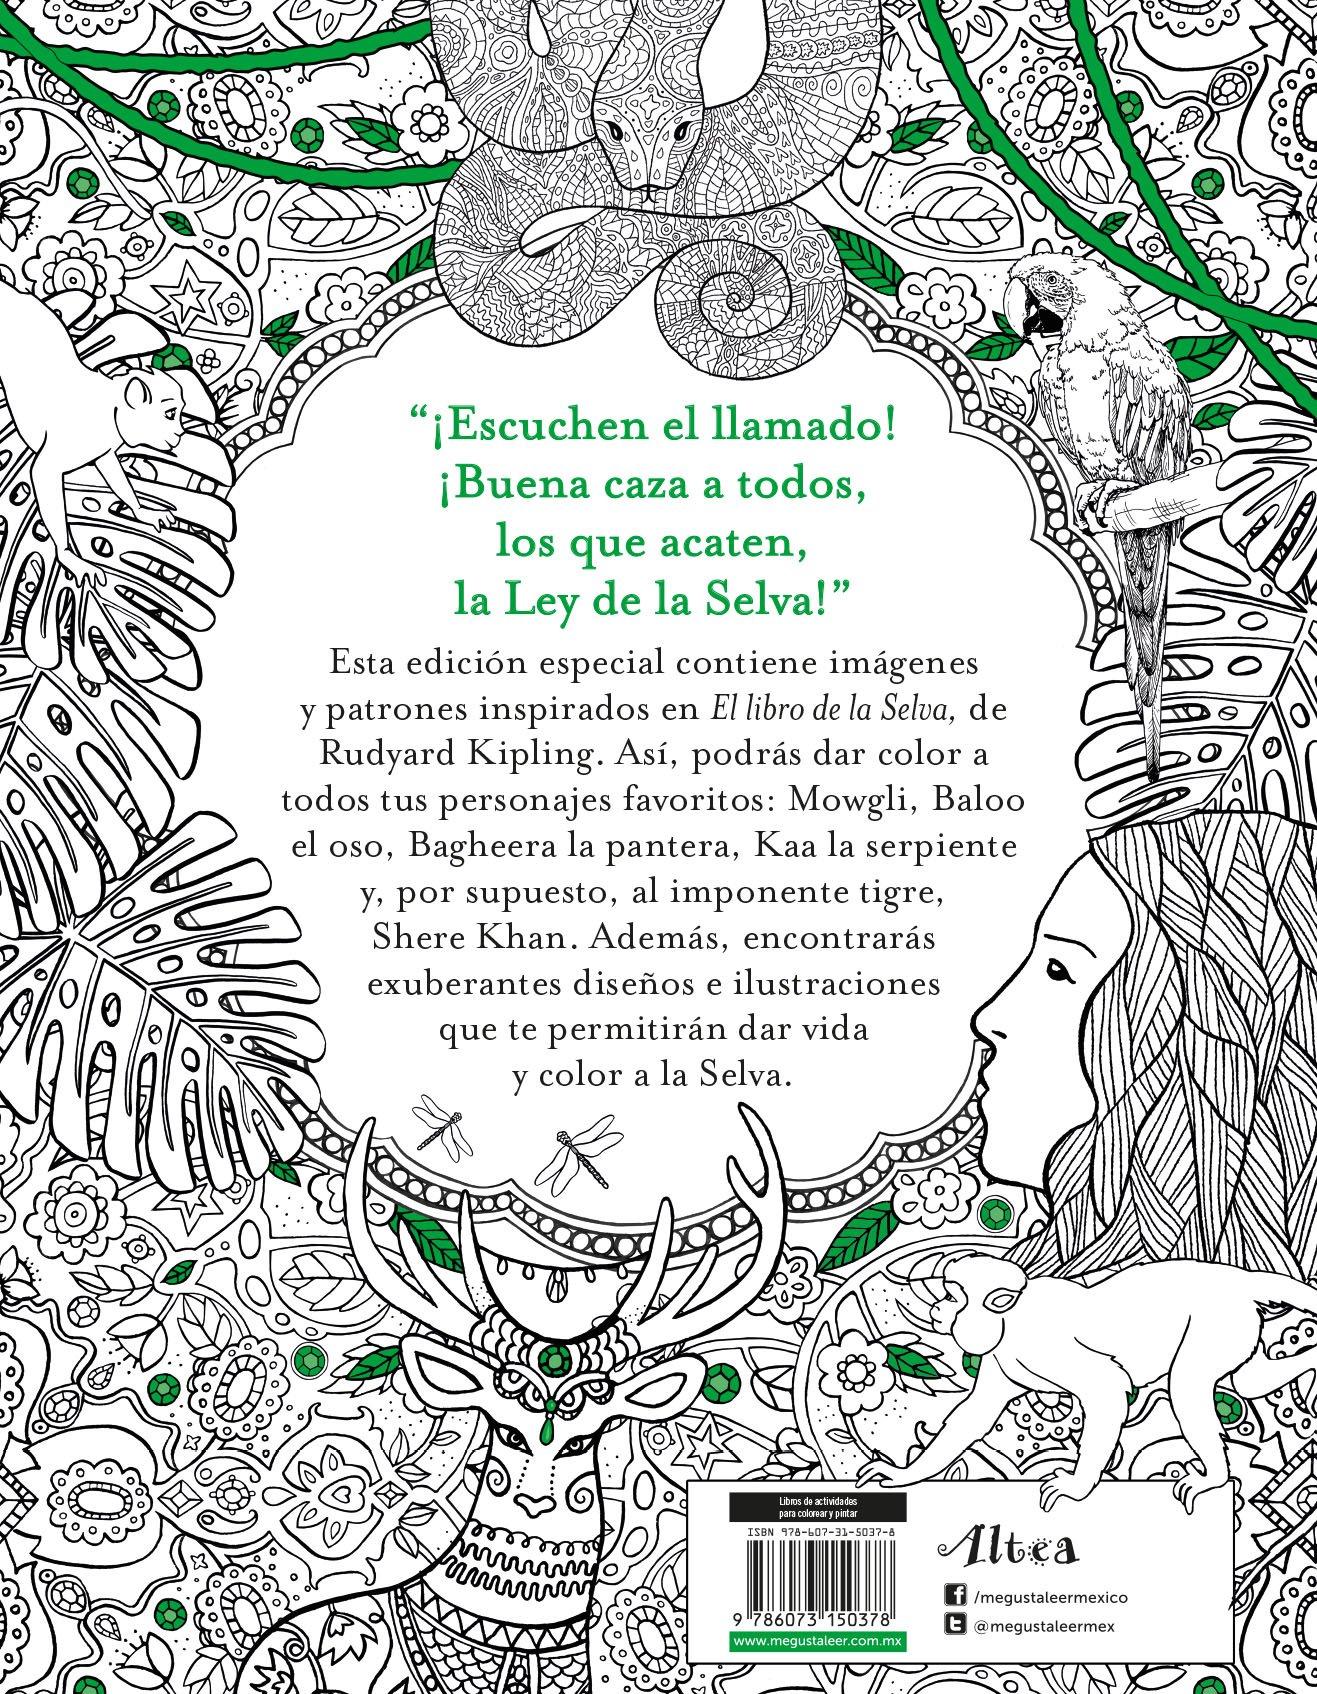 El libro para colorear de El libro de la selva: Rudyard Kipling ...